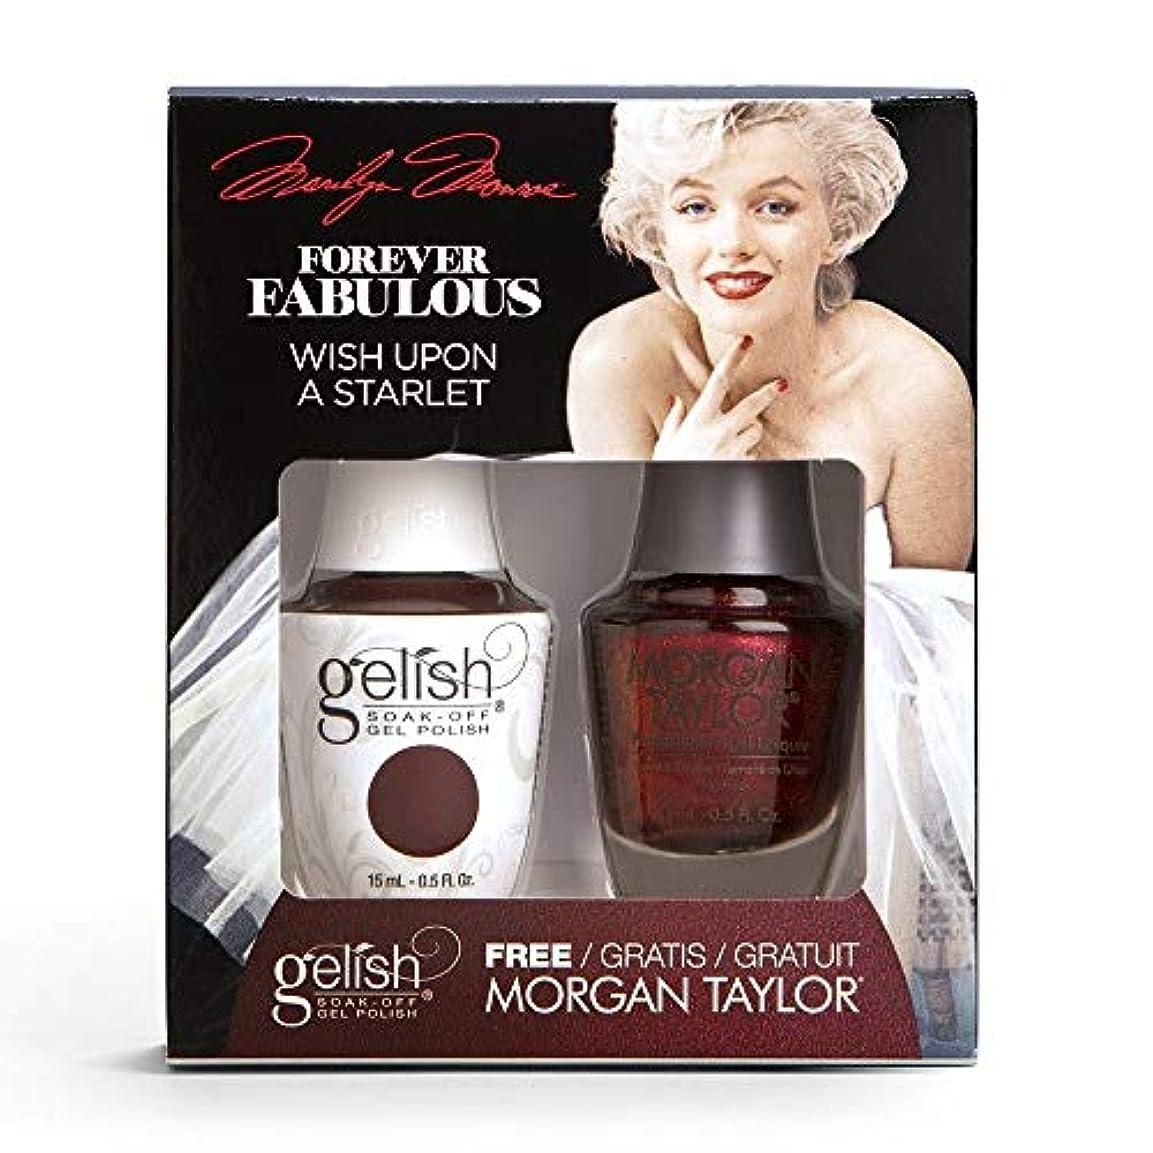 チューリップ忘れる予報Harmony Gelish & Morgan Taylor - Two Of A Kind - Forever Fabulous Marilyn Monroe - Wish Upon A Starlet - 15 mL...